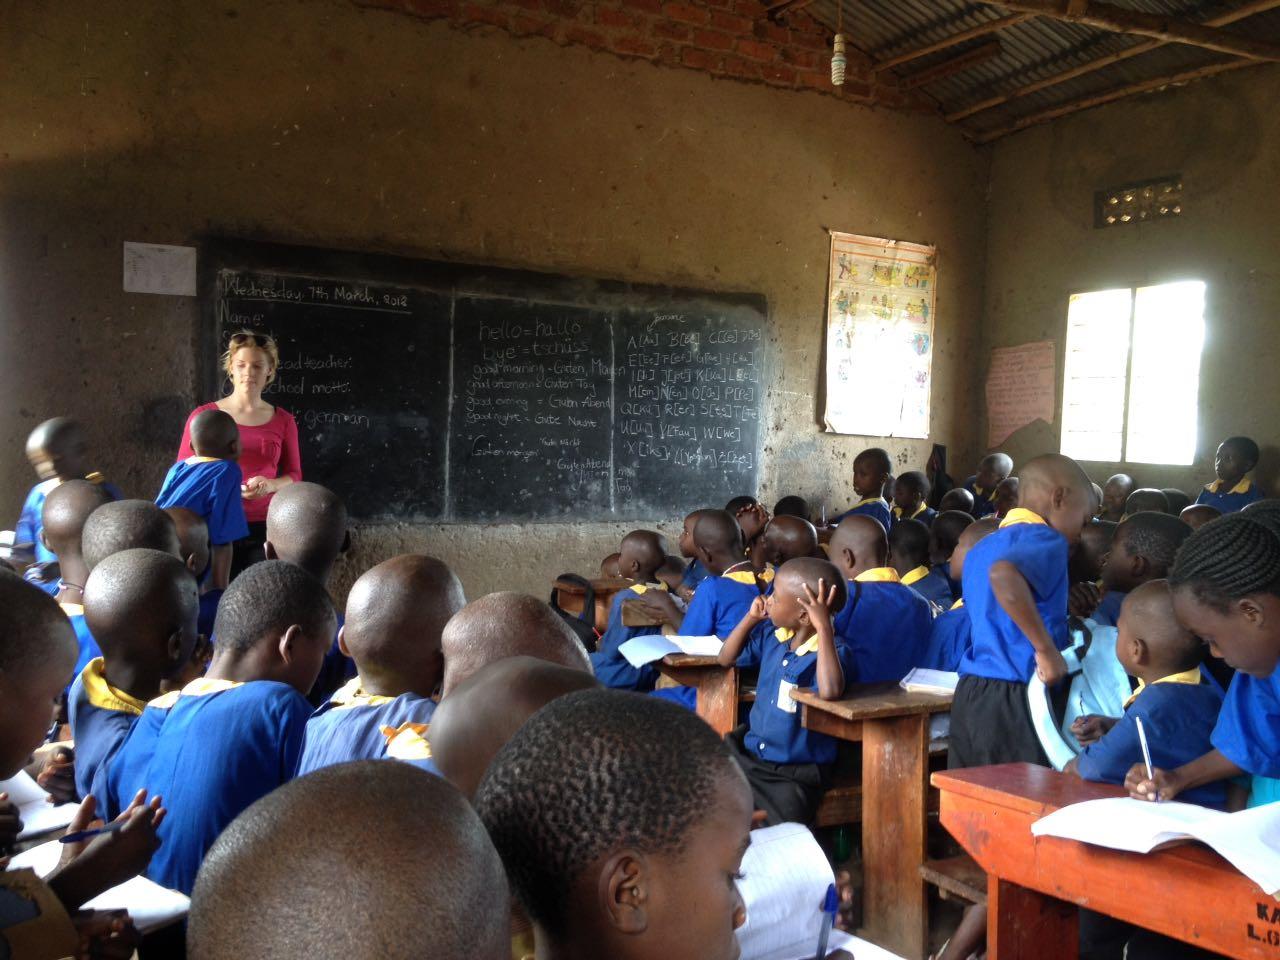 Sunny in der Kirowooza Schule